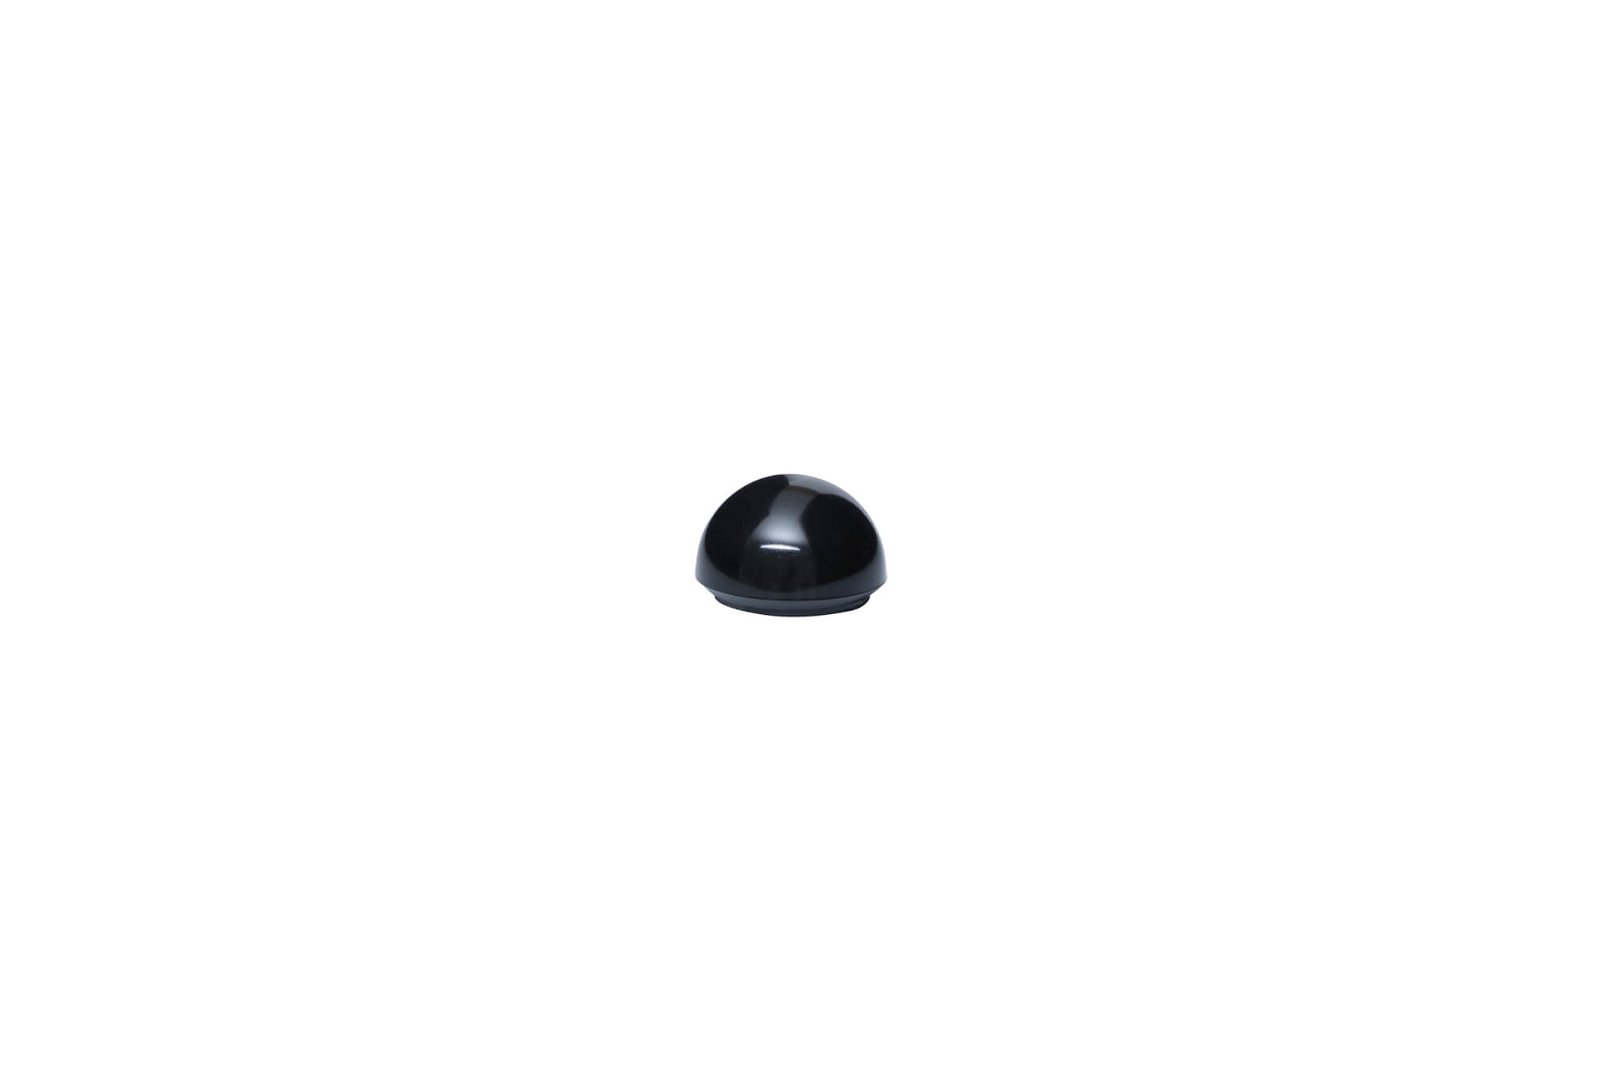 Kugel-Magnet Ø 30 mm, 0,6 kg Haftkraft, 10 St./Set, schwarz